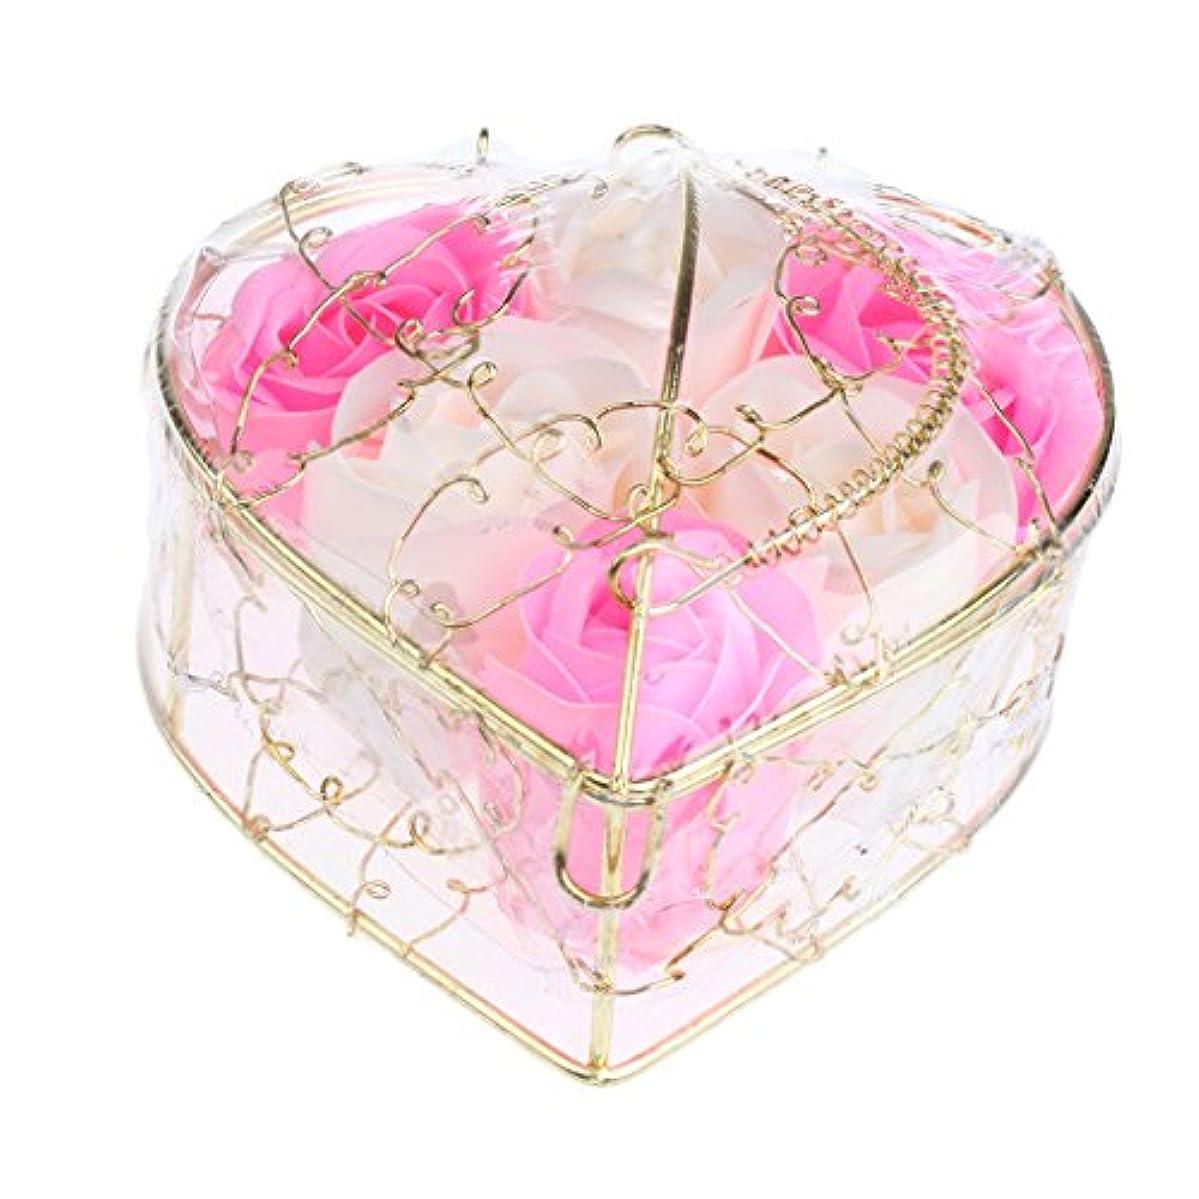 国勢調査ペンフレンド振動させるIPOTCH 6個 ソープフラワー 石鹸花 造花 バラ フラワー ギフトボックス 誕生日 母の日 記念日 先生の日 プレゼント 全5仕様選べる - ピンクとホワイト